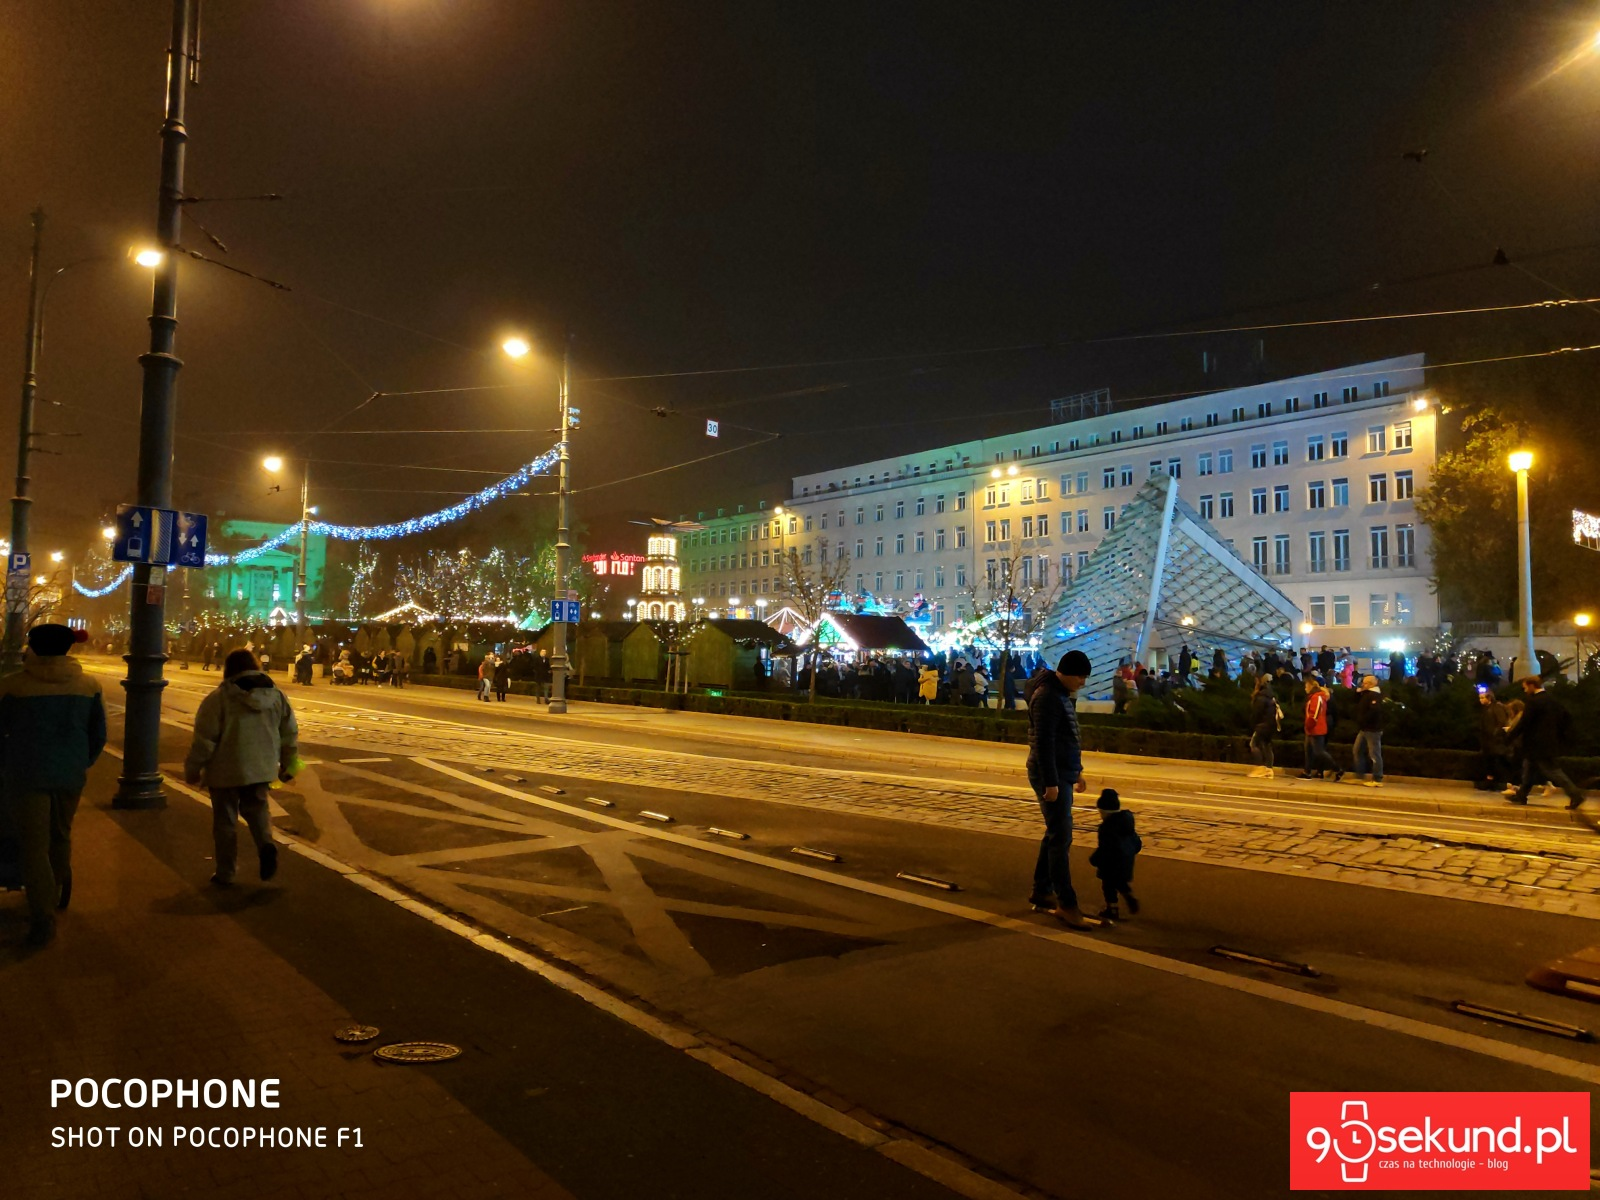 Zdjęcie wykonane Pocophone F1 - Michał Brożyński 90sekund.pl